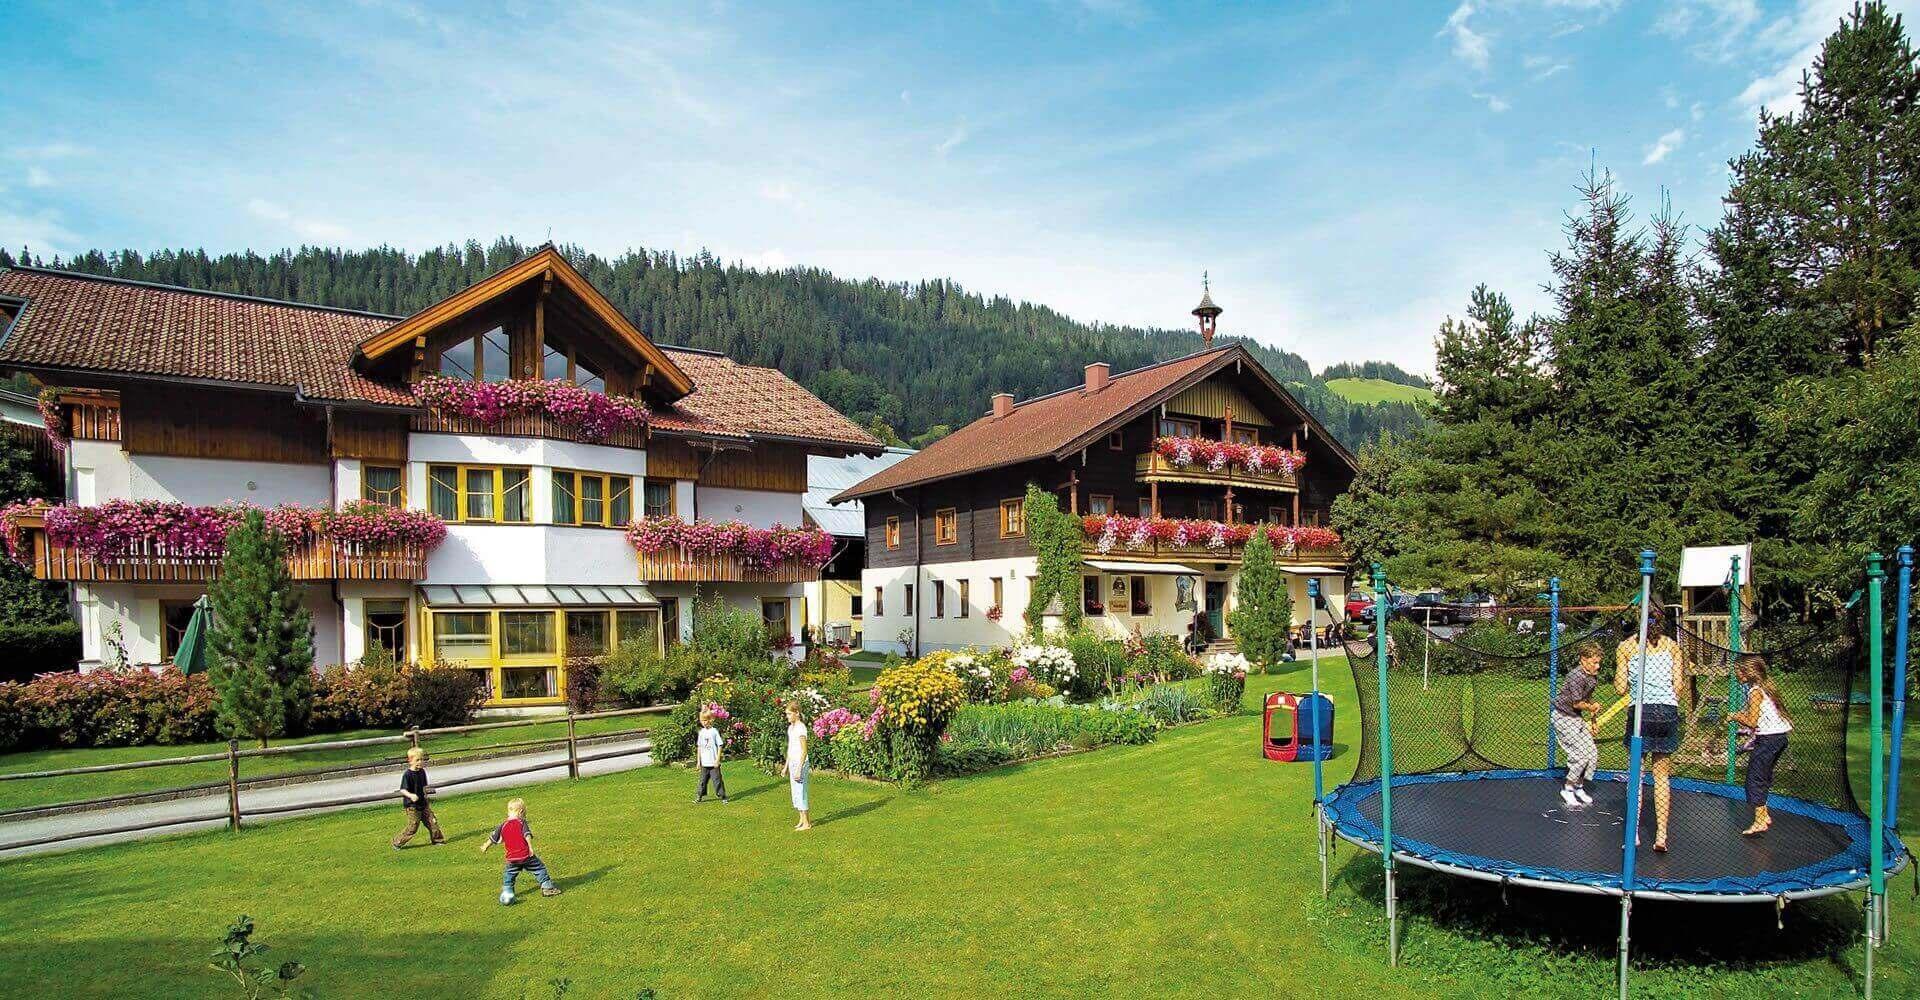 Urlaub am Bauernhof in Radstadt - Ferienhof Kasparbauer